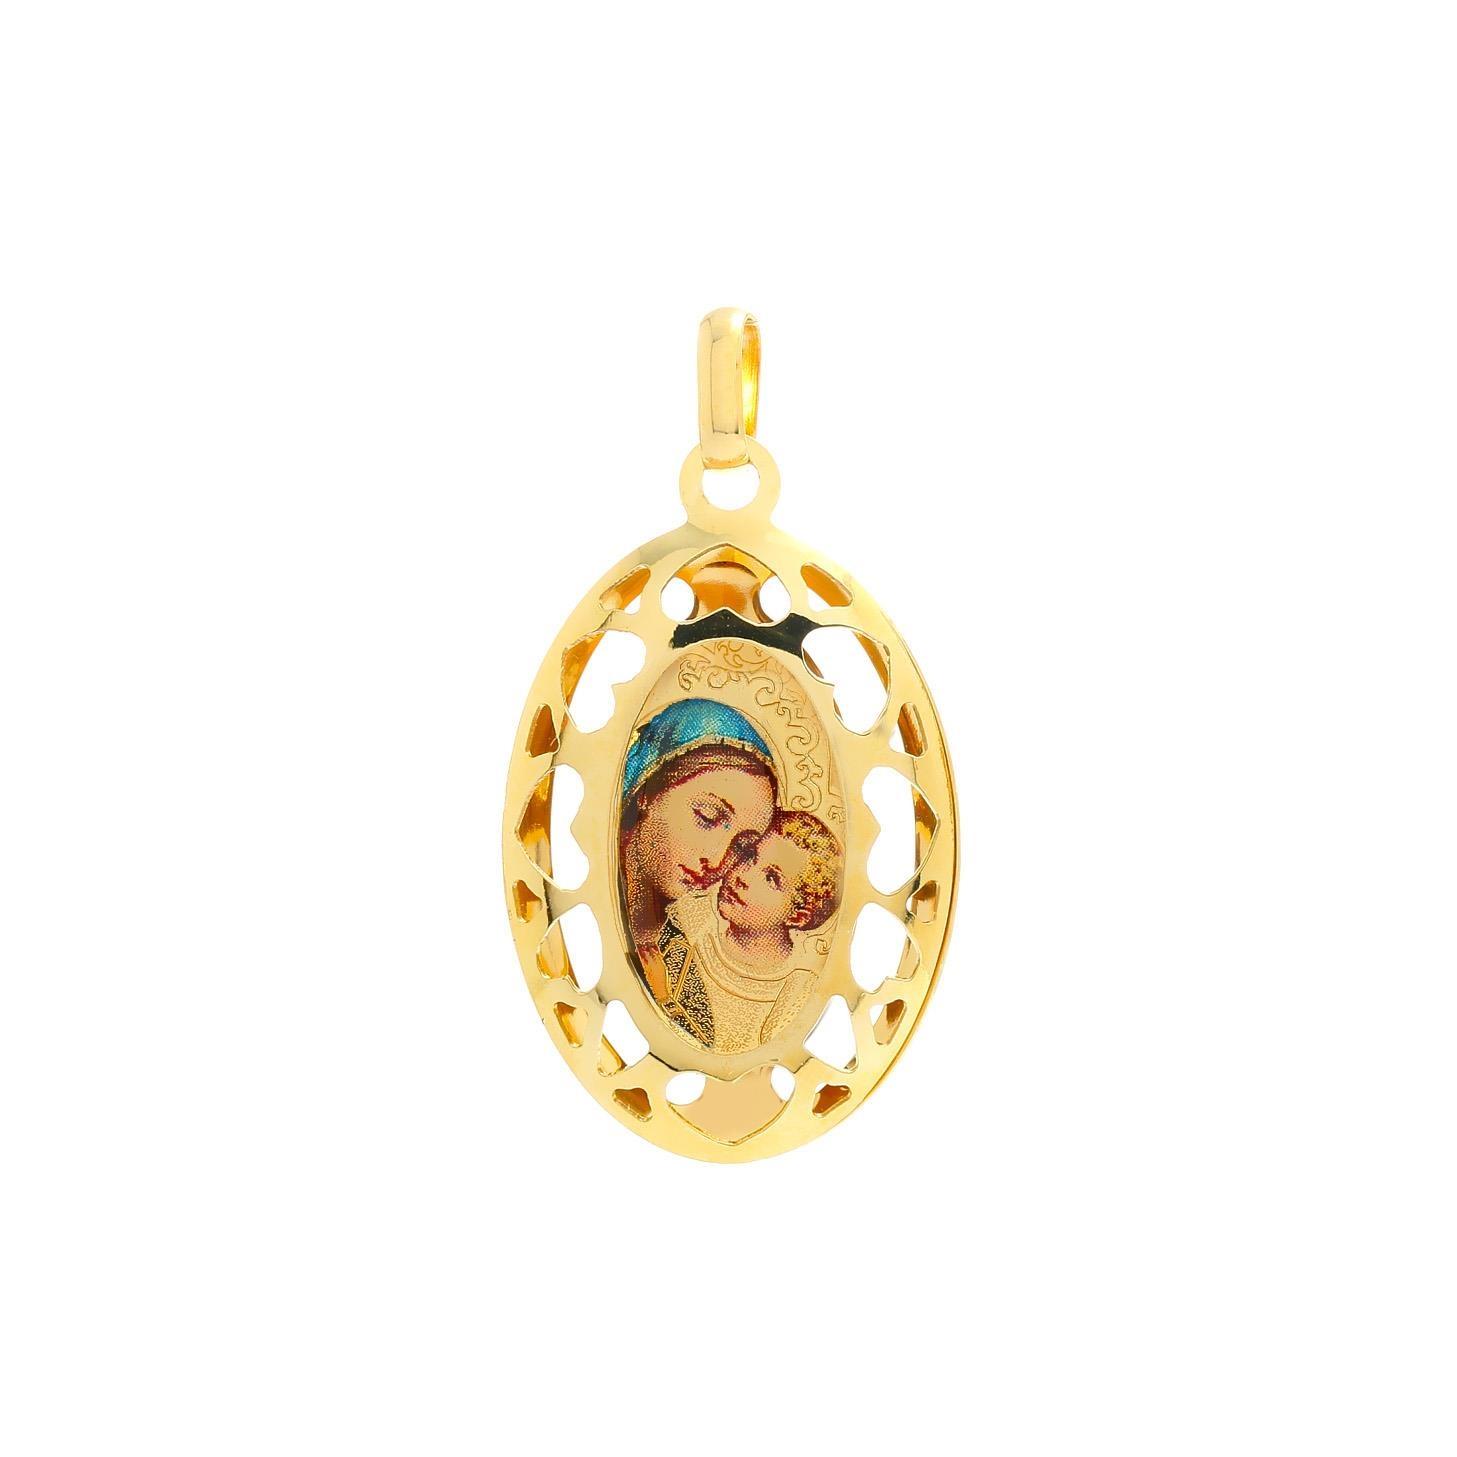 Zlatý veľký medailón Madony s dieťaťom 10VS00452